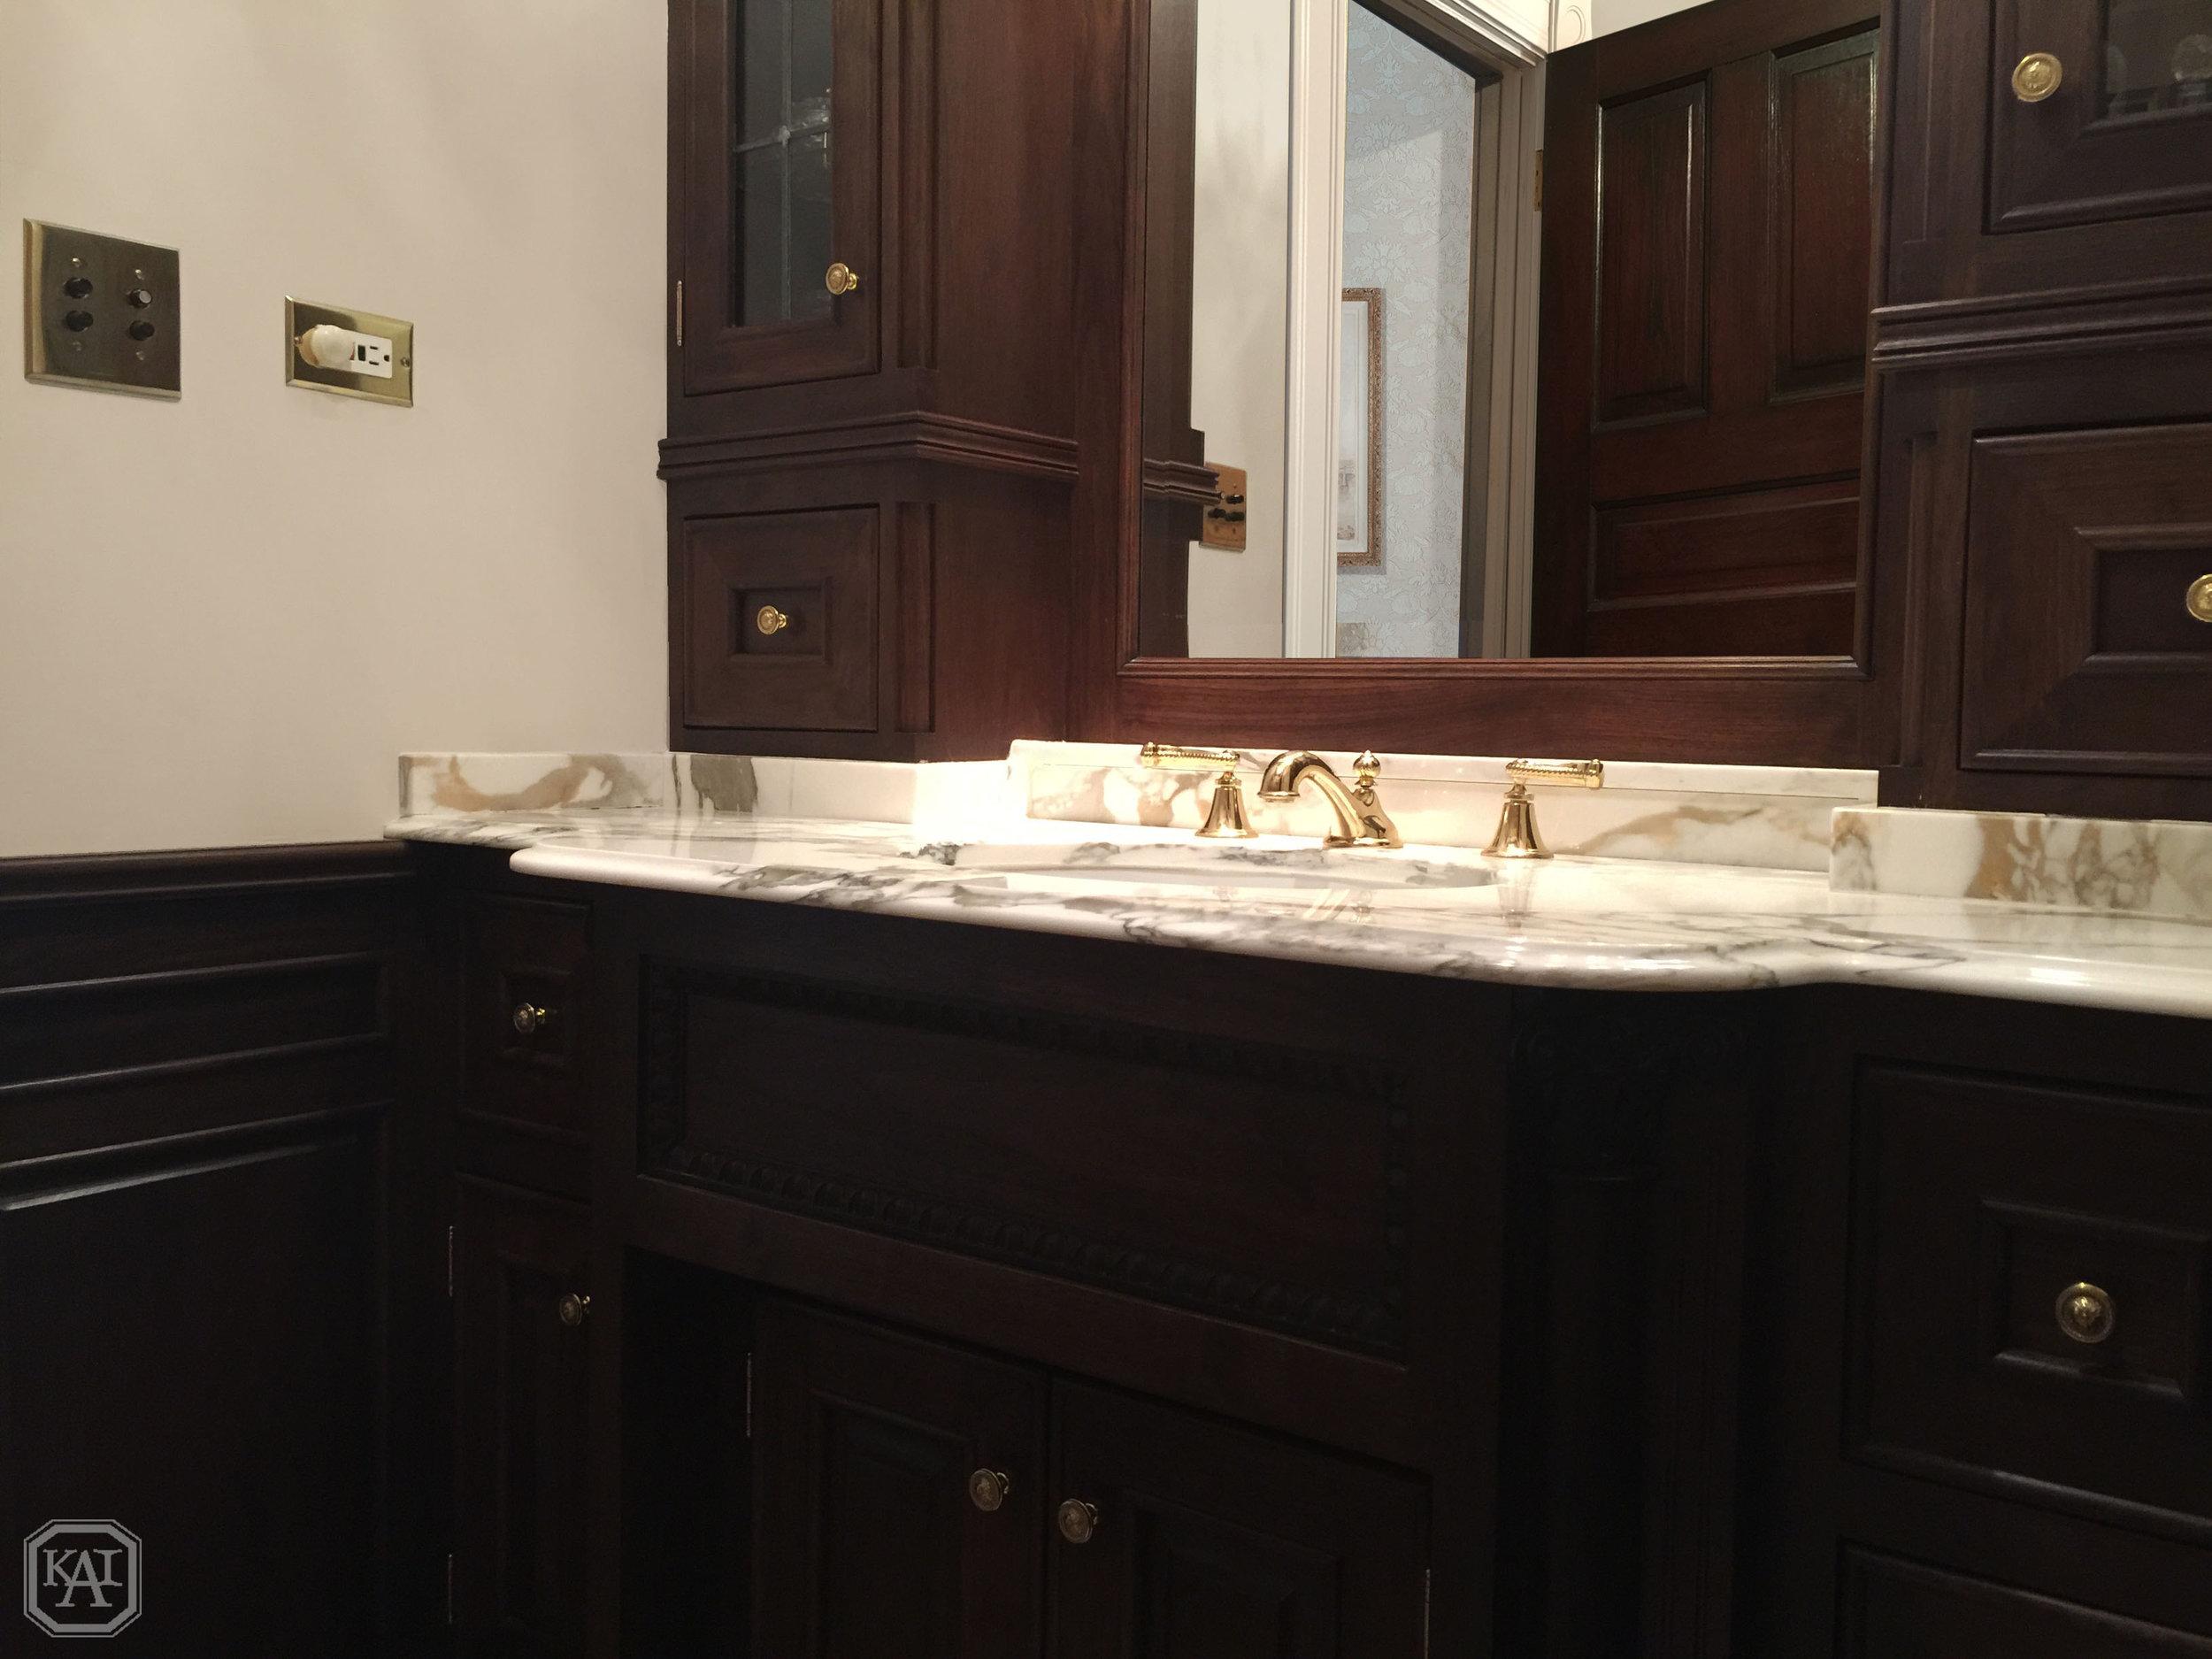 UNFINISHED BATHROOM 1_WM_EDIT FOR PORTFOLIO_JPG.jpg